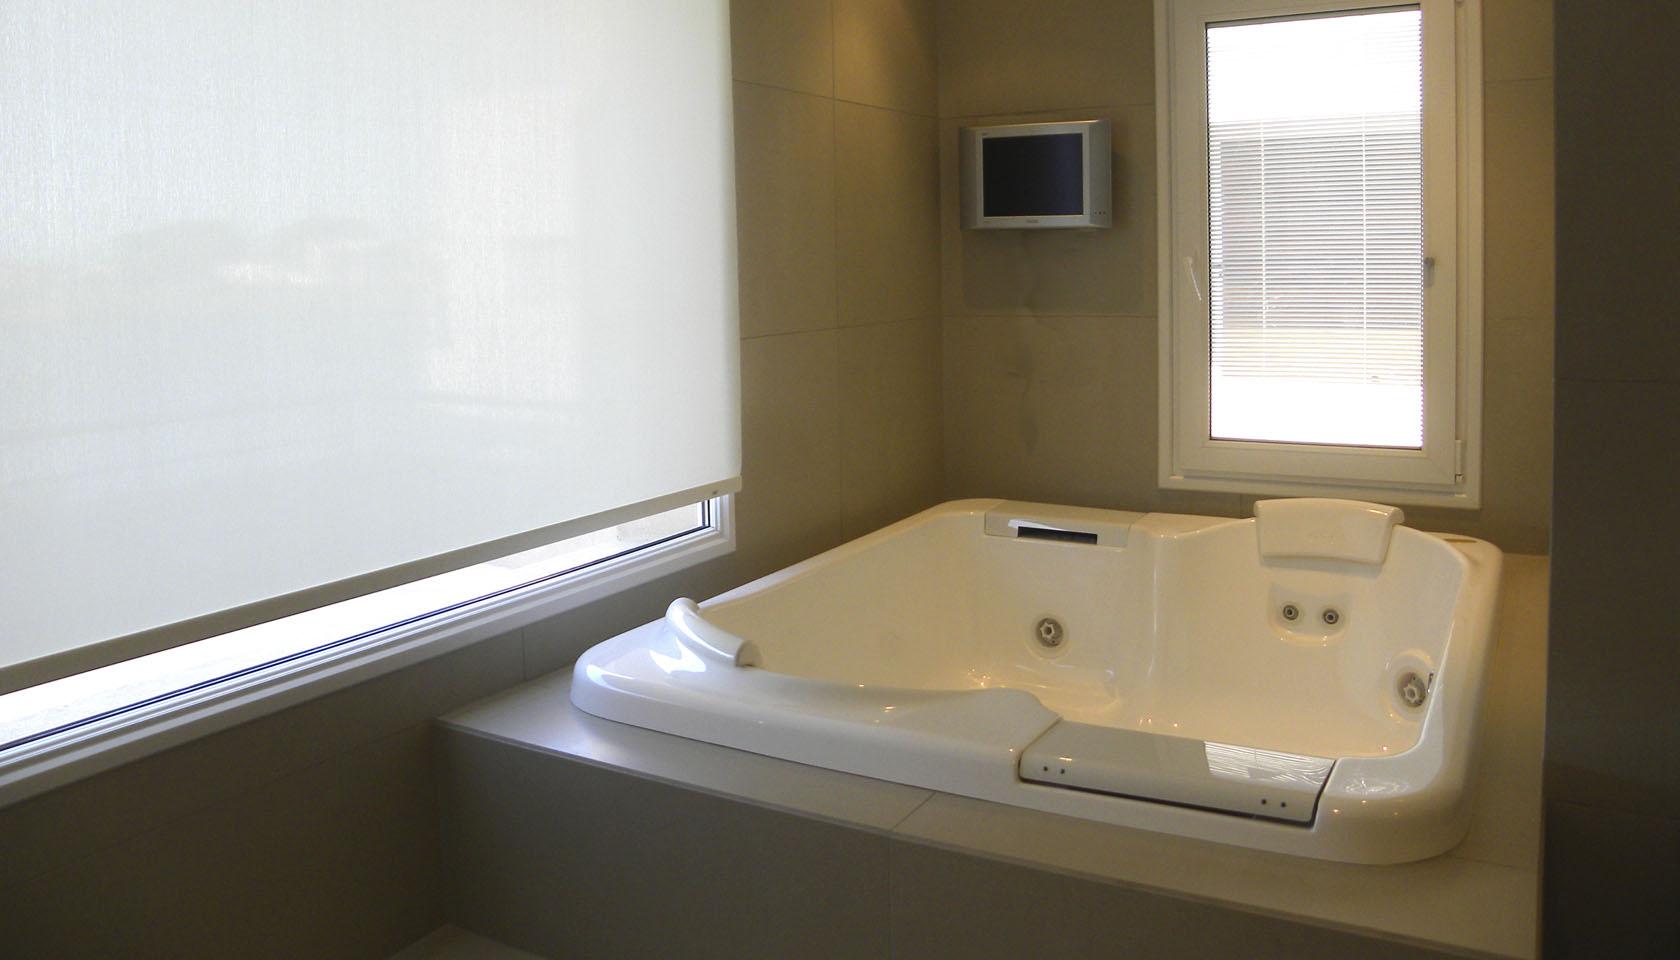 baños lujosos, baños con hidromasaje